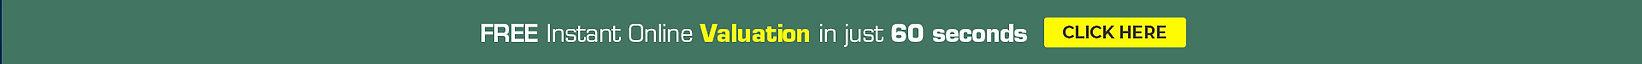 Edison Green CTA-Style-C-banner V3.jpg